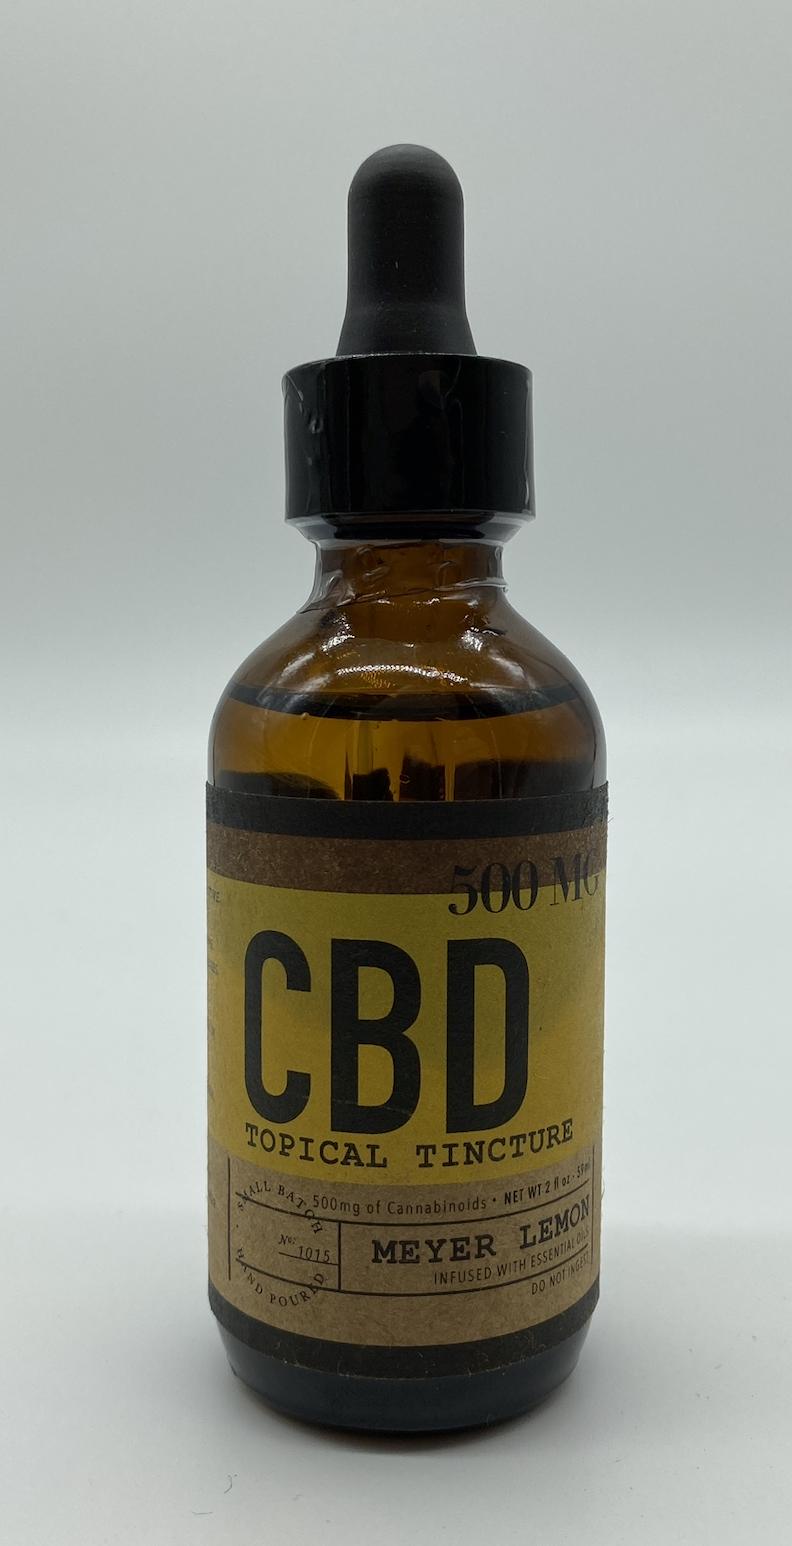 Urban CBD Collective Premium CBD Topical Oils For Sale 404-443-3224